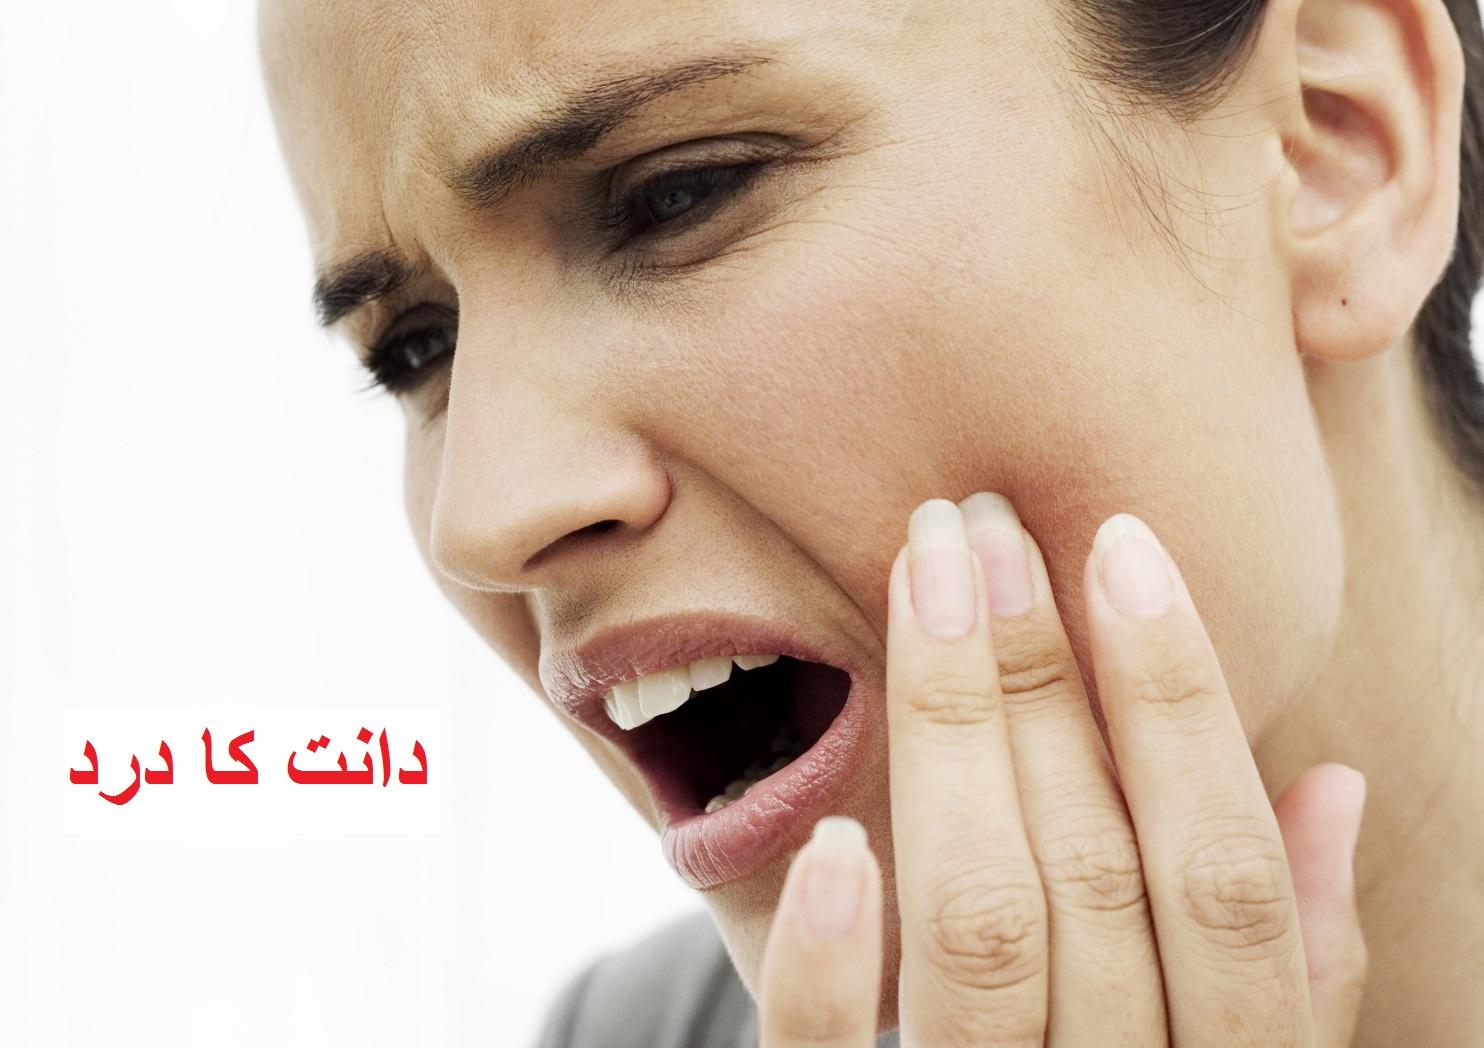 دانتوں میں درد کیلئے چند مفید گھریلوں نسخے